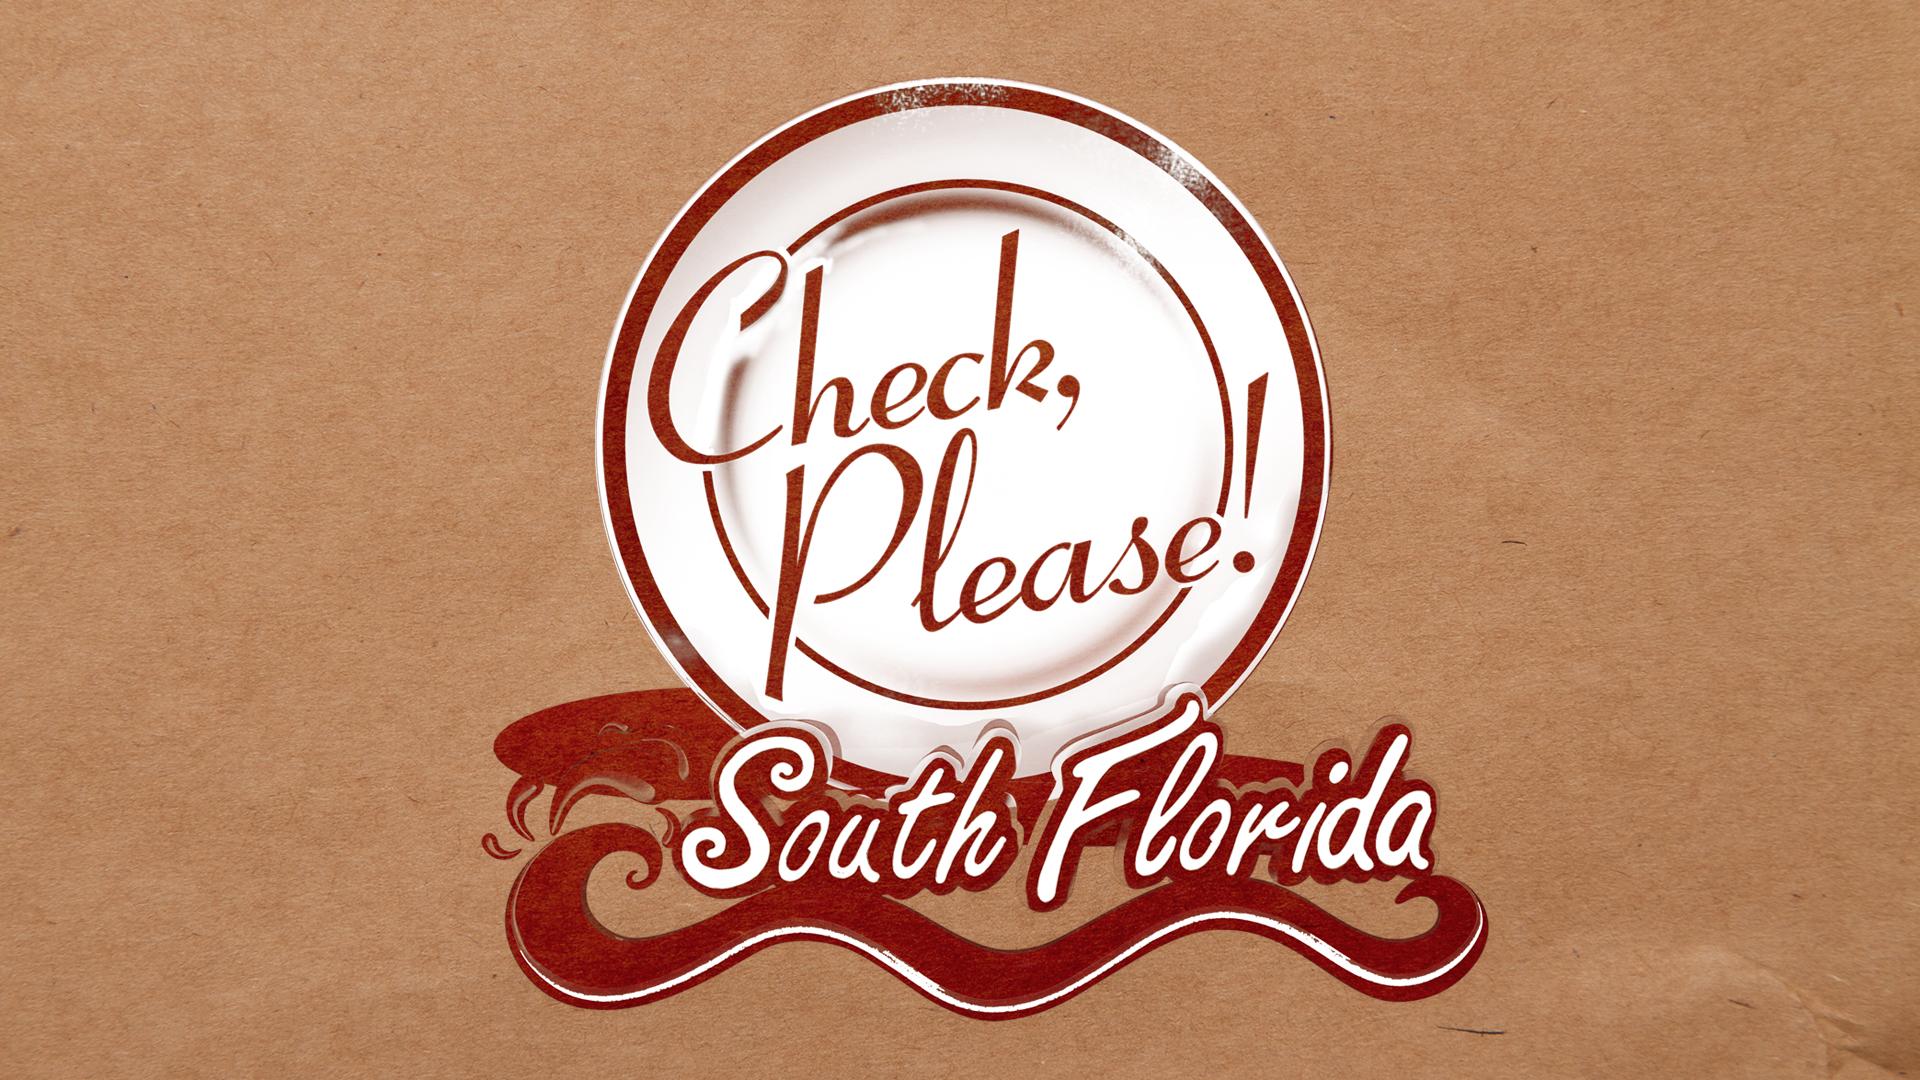 Check Please South Florida